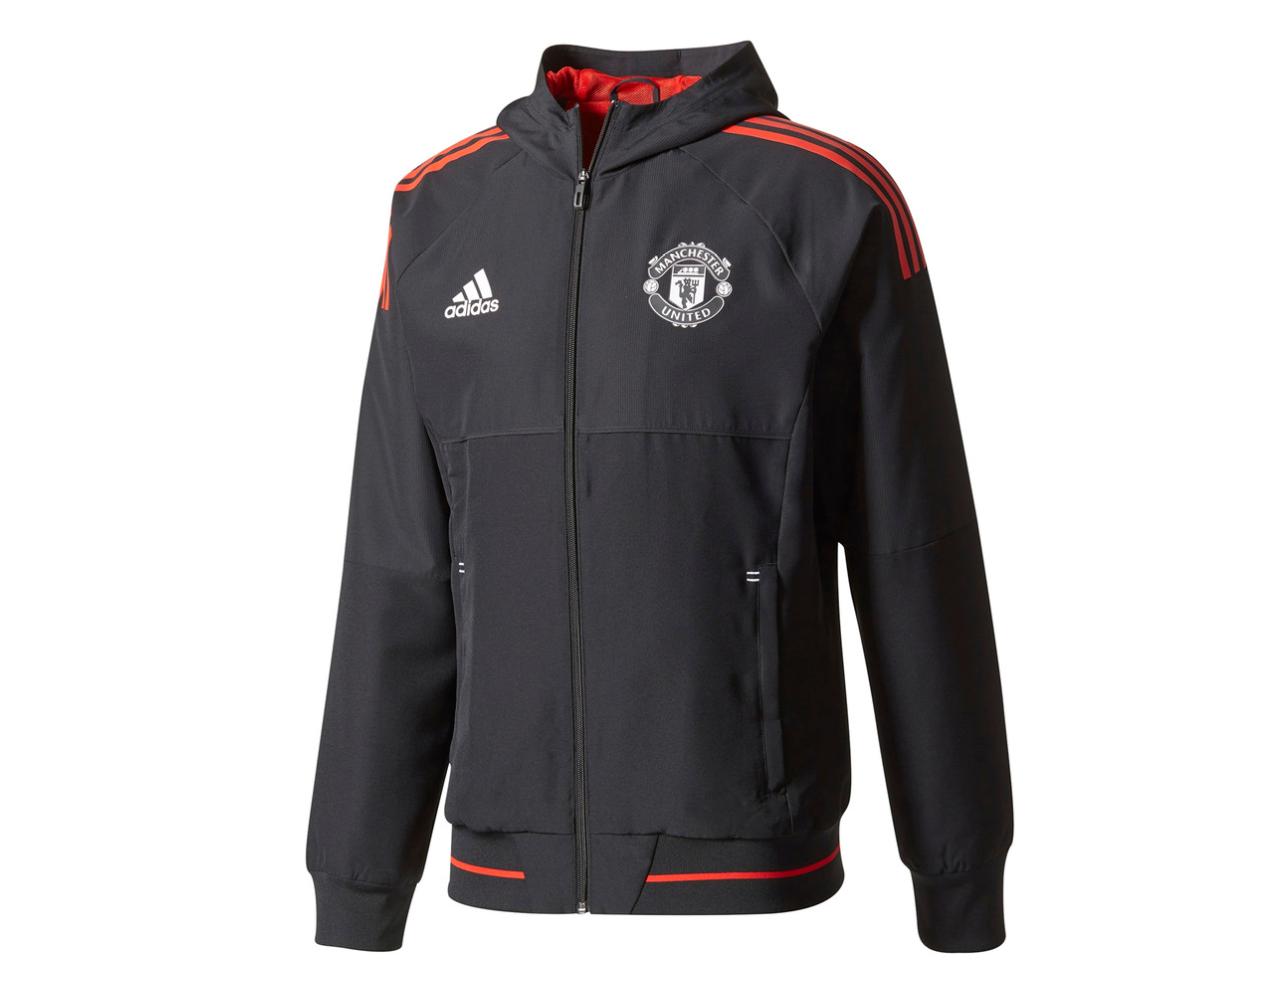 เสื้อแจ็คเก็ตอดิดาสแมนเชสเตอร์ ยูไนเต็ดเทรนนิ่ง UCL สีดำของแท้ UCL Training Presentation Jacket